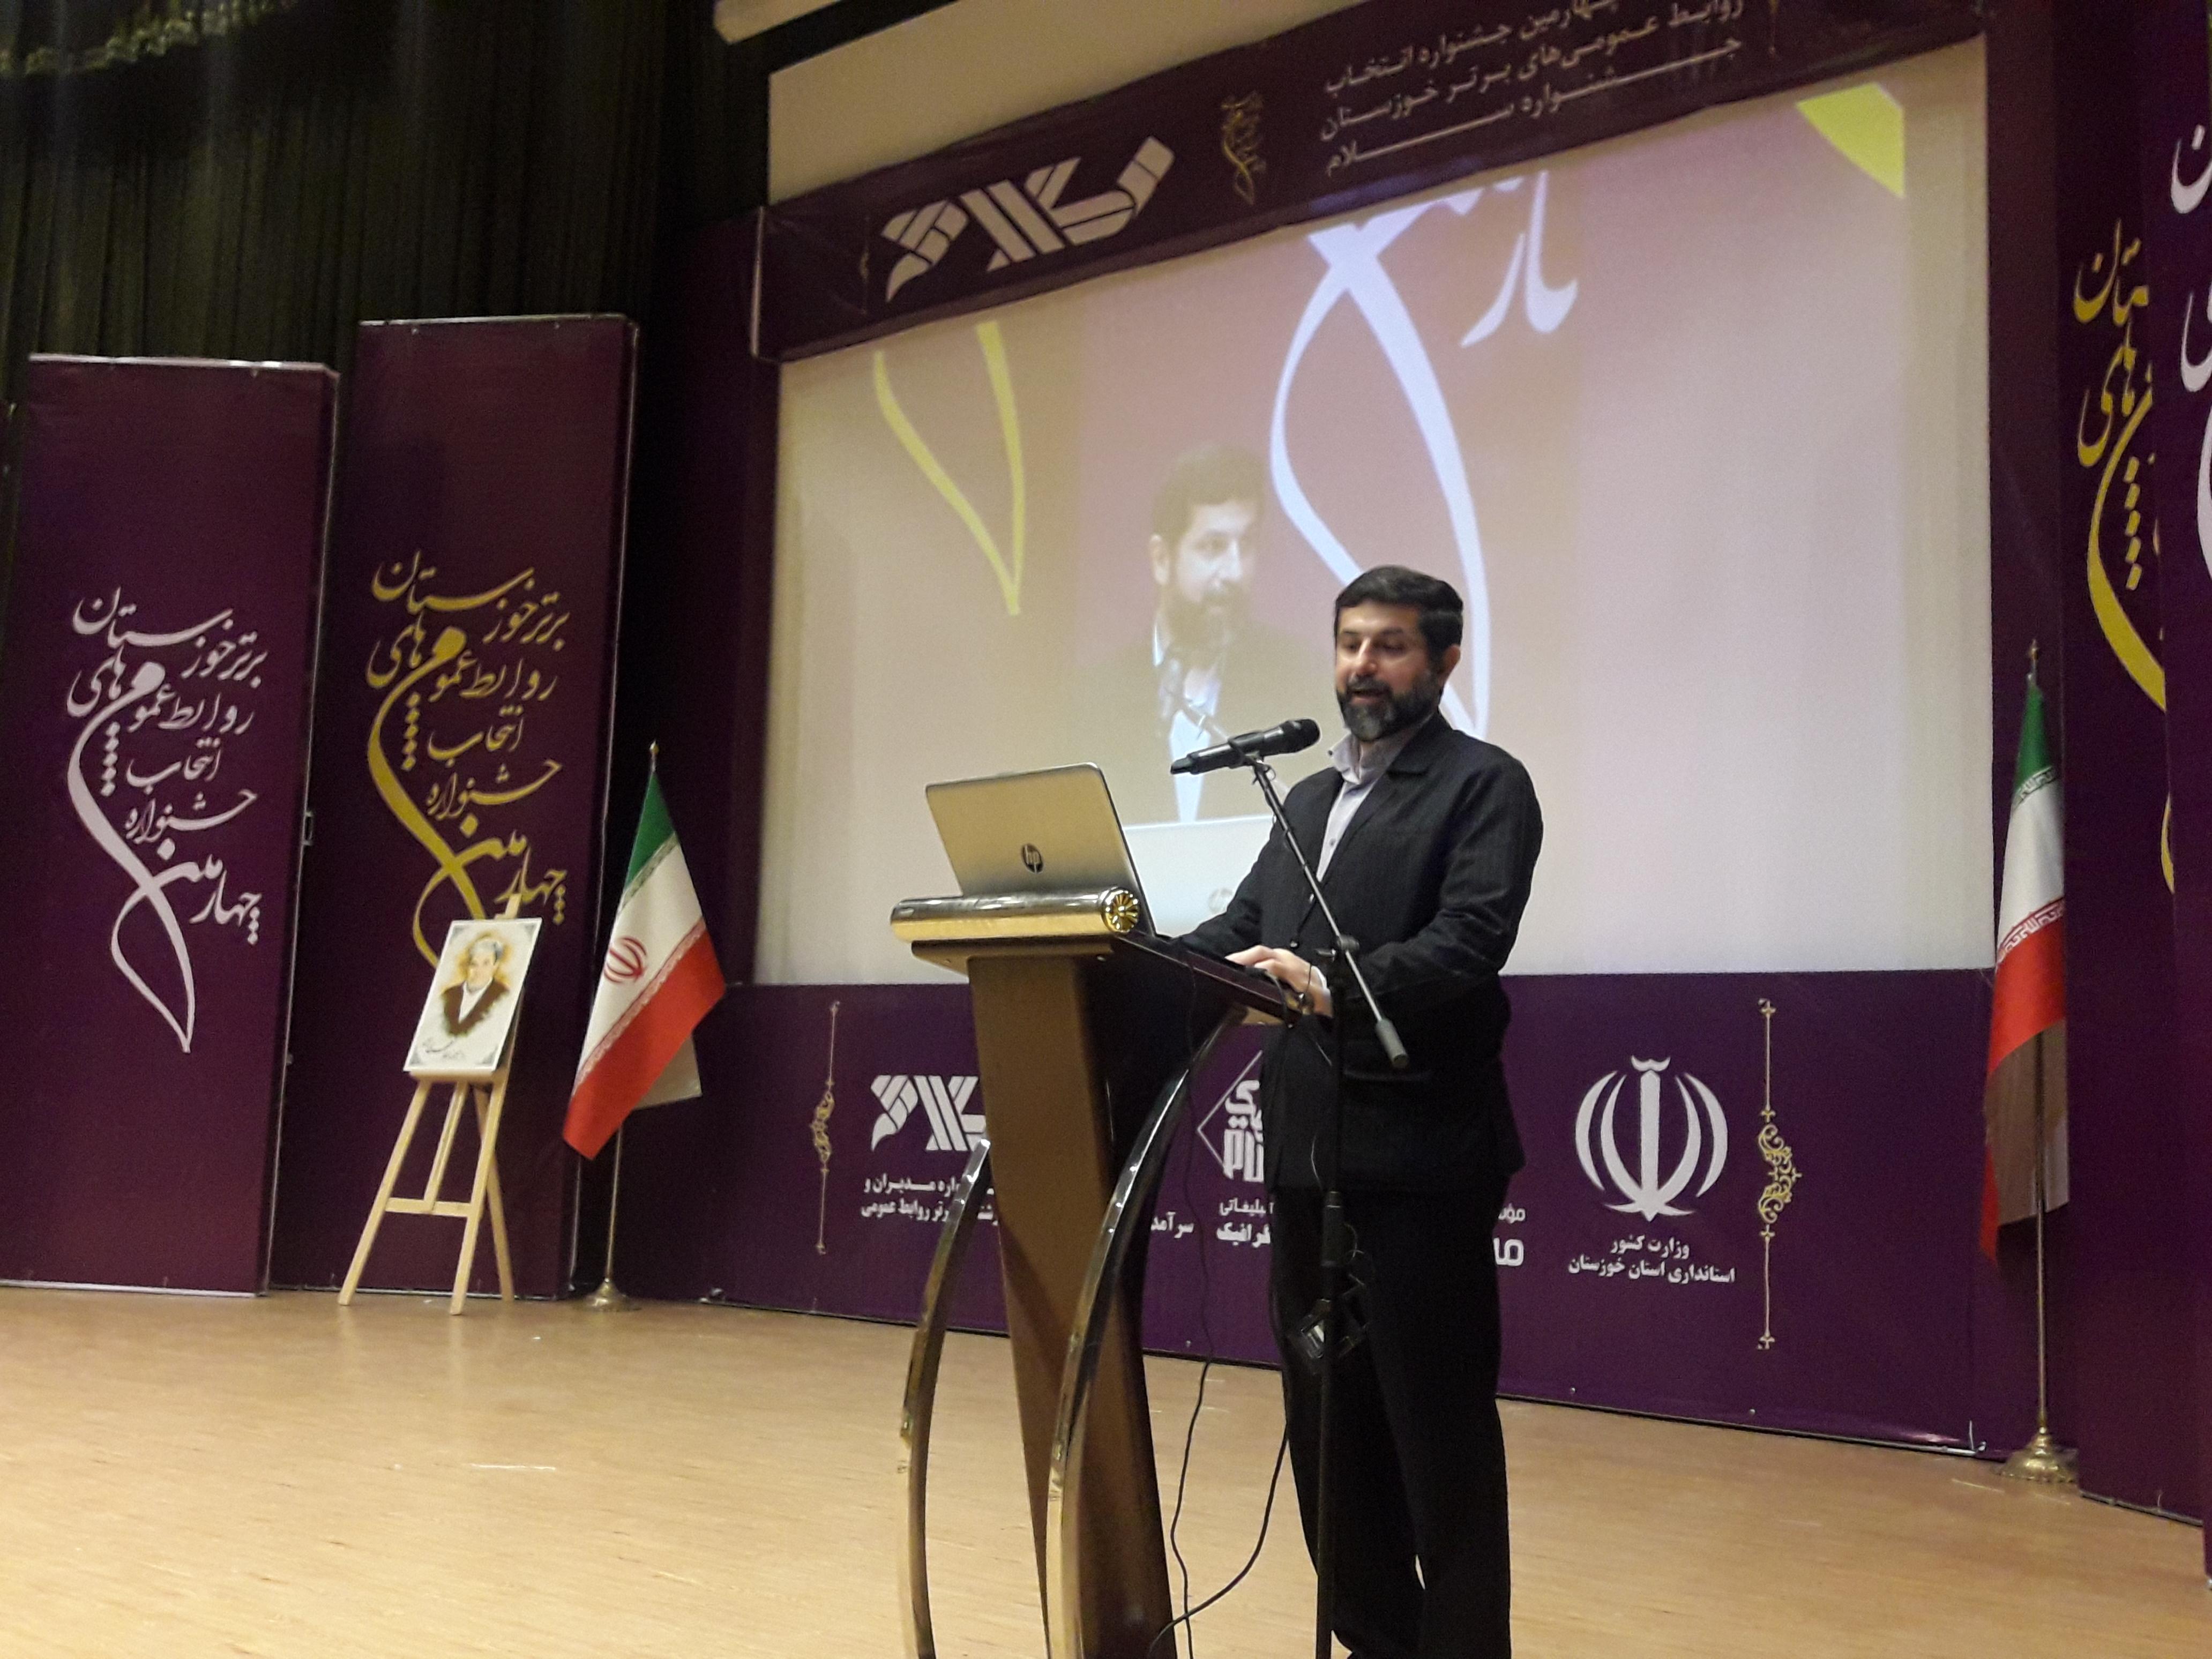 ۲۰۱۹۰۷۱۰ ۱۲۴۹۰۱ قدردانی استاندار خوزستان از فعالان حوزه ارتباطات و روابط عمومی